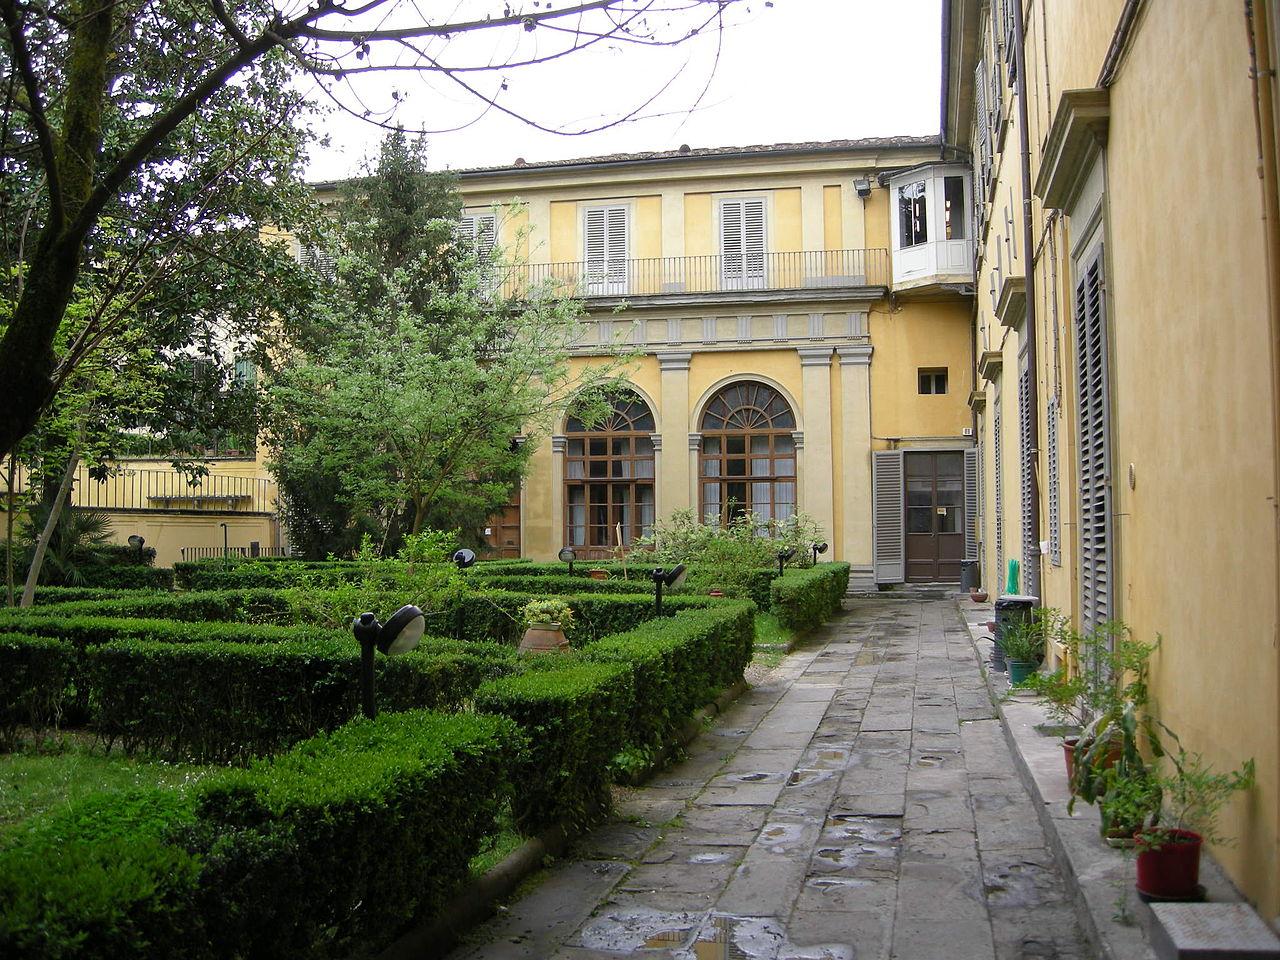 Ficheiro palazzo torrigiani specola giardino 04 jpg for Giardino torrigiani